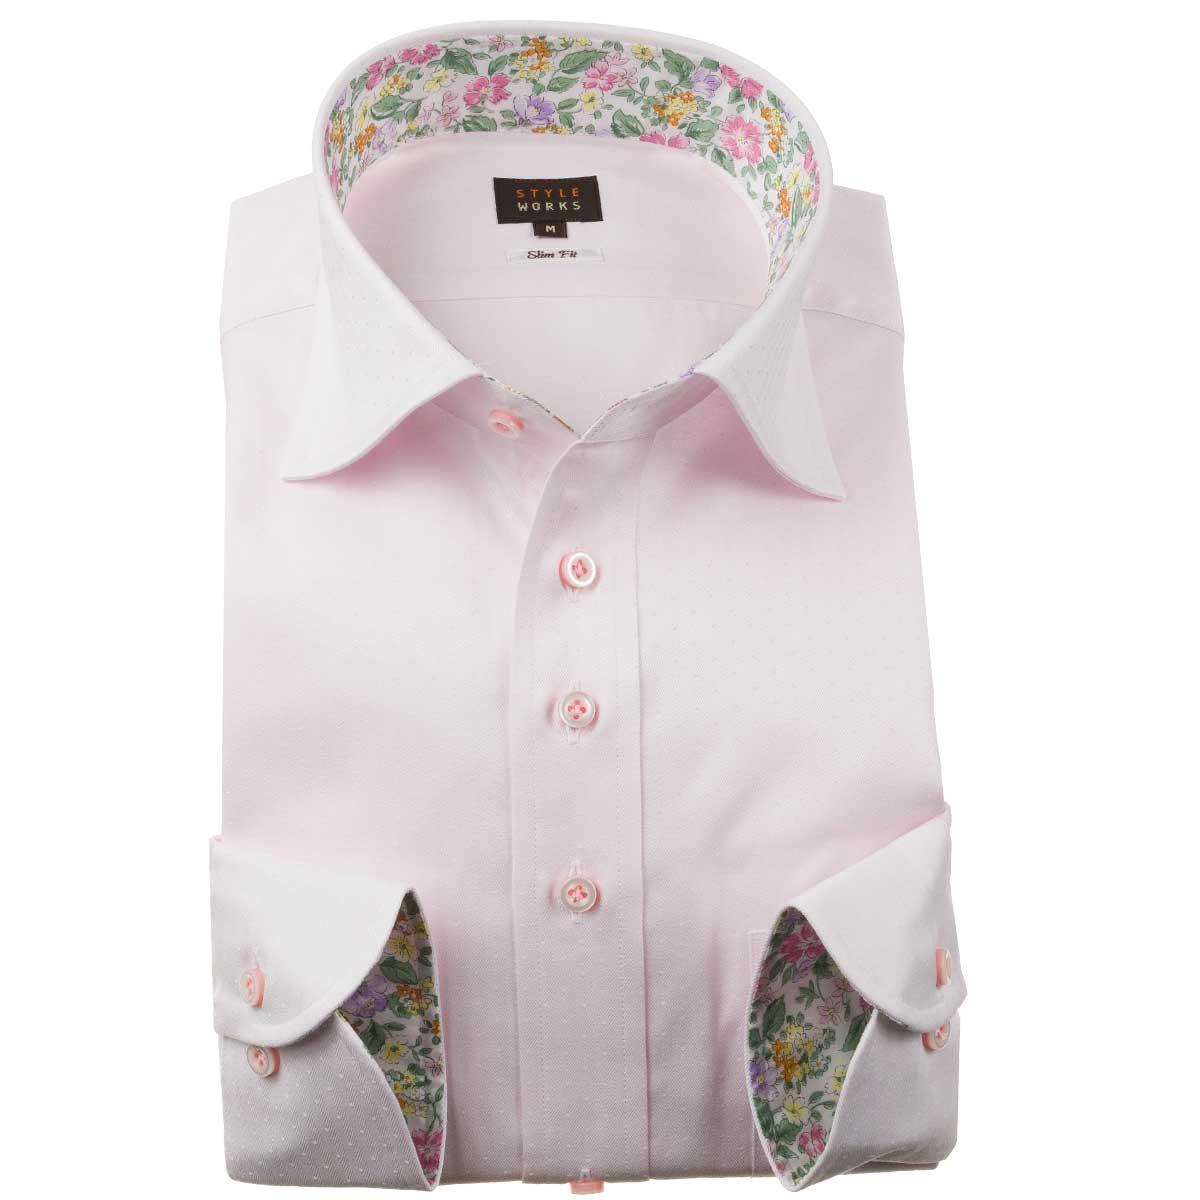 ドレスシャツ ワイシャツ シャツ メンズ 国産 長袖 スリムフィット 綿100% ワイドカラー パステルピンク ヘリンボーンストライプ ジャガードドット 1910 fs3gm